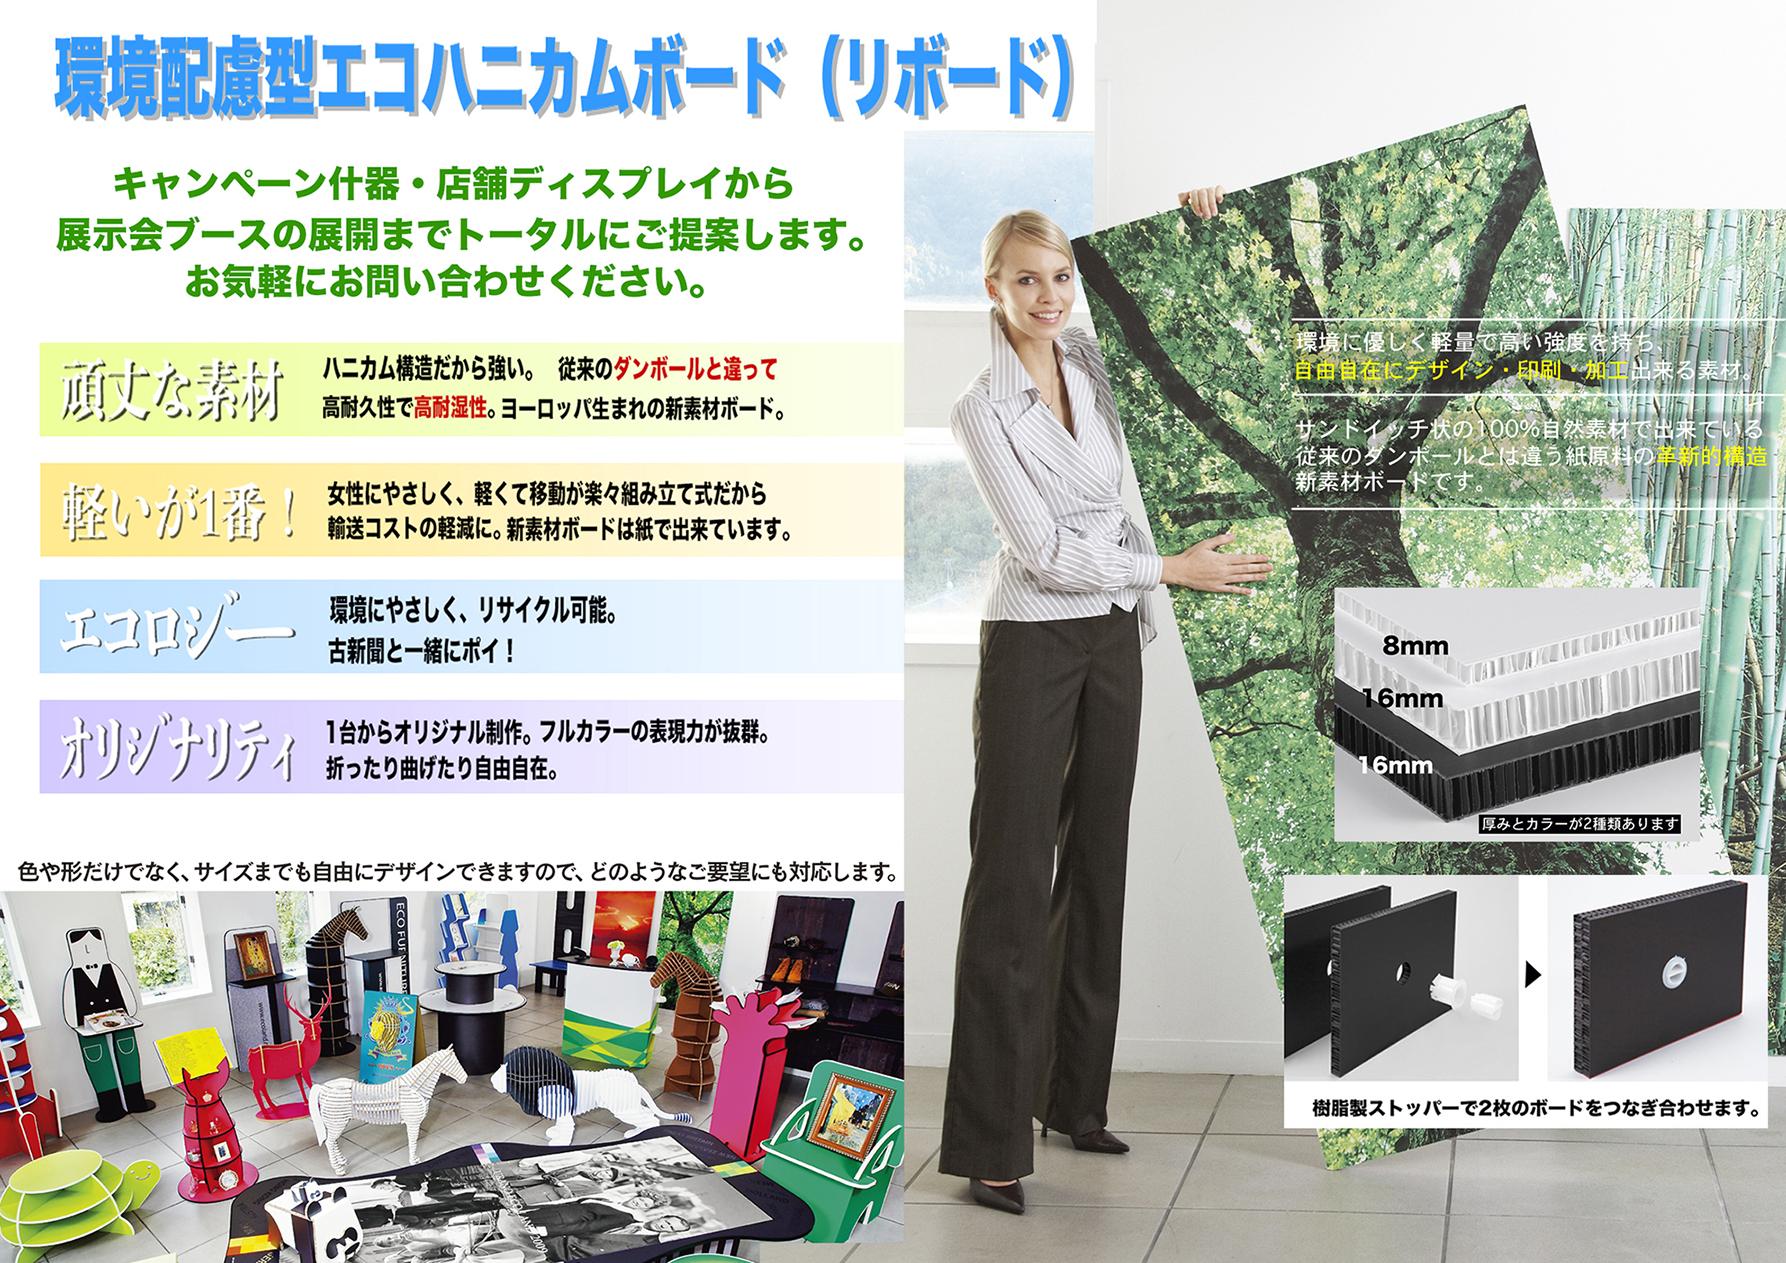 エコハニカムボード(リボード)は100%紙素材の環境配慮型ボードです